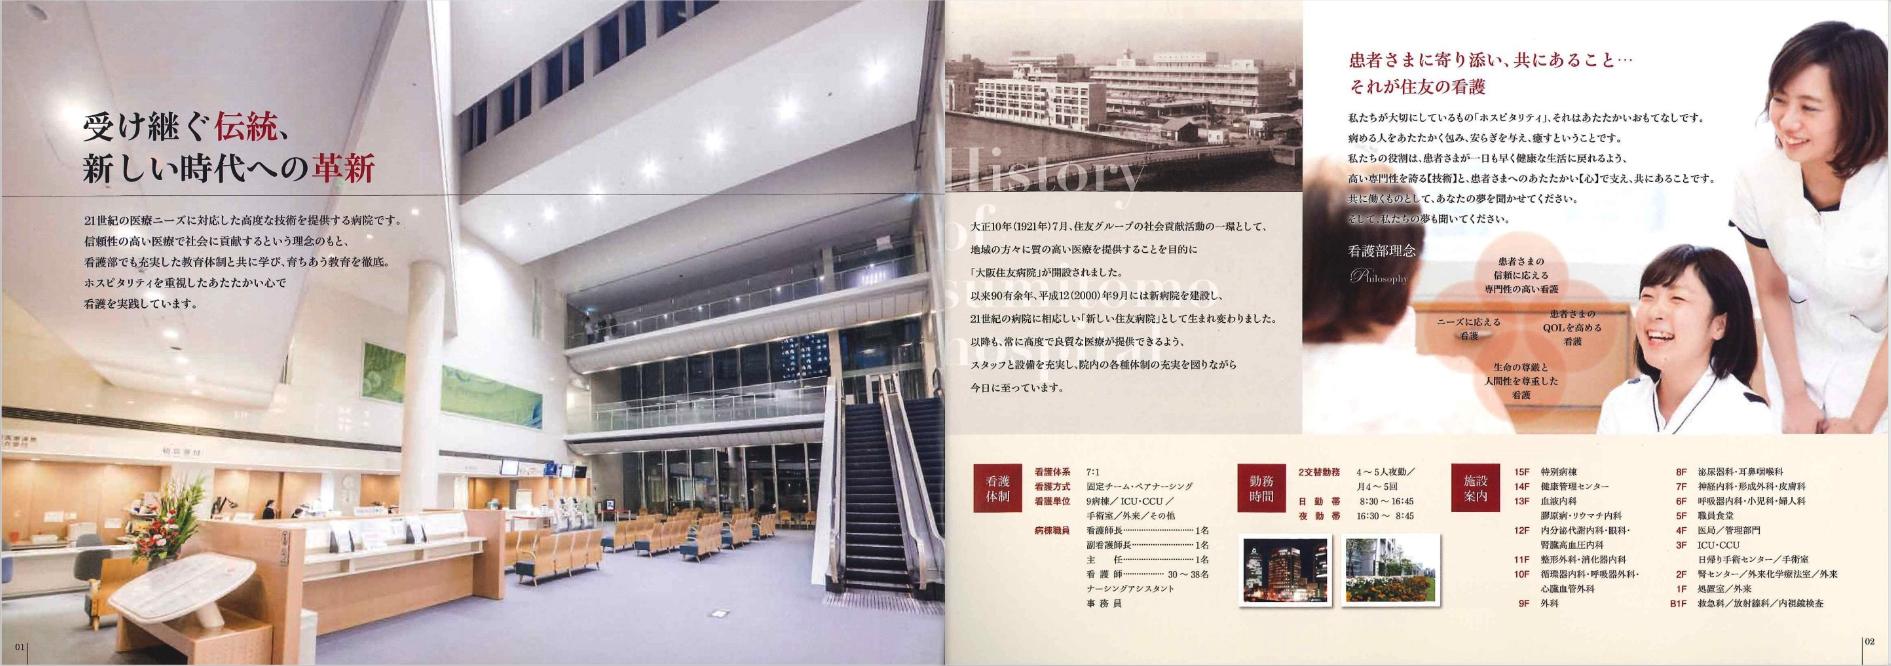 2018年3月作成「住友病院」看護部パンフレット_サブ画像